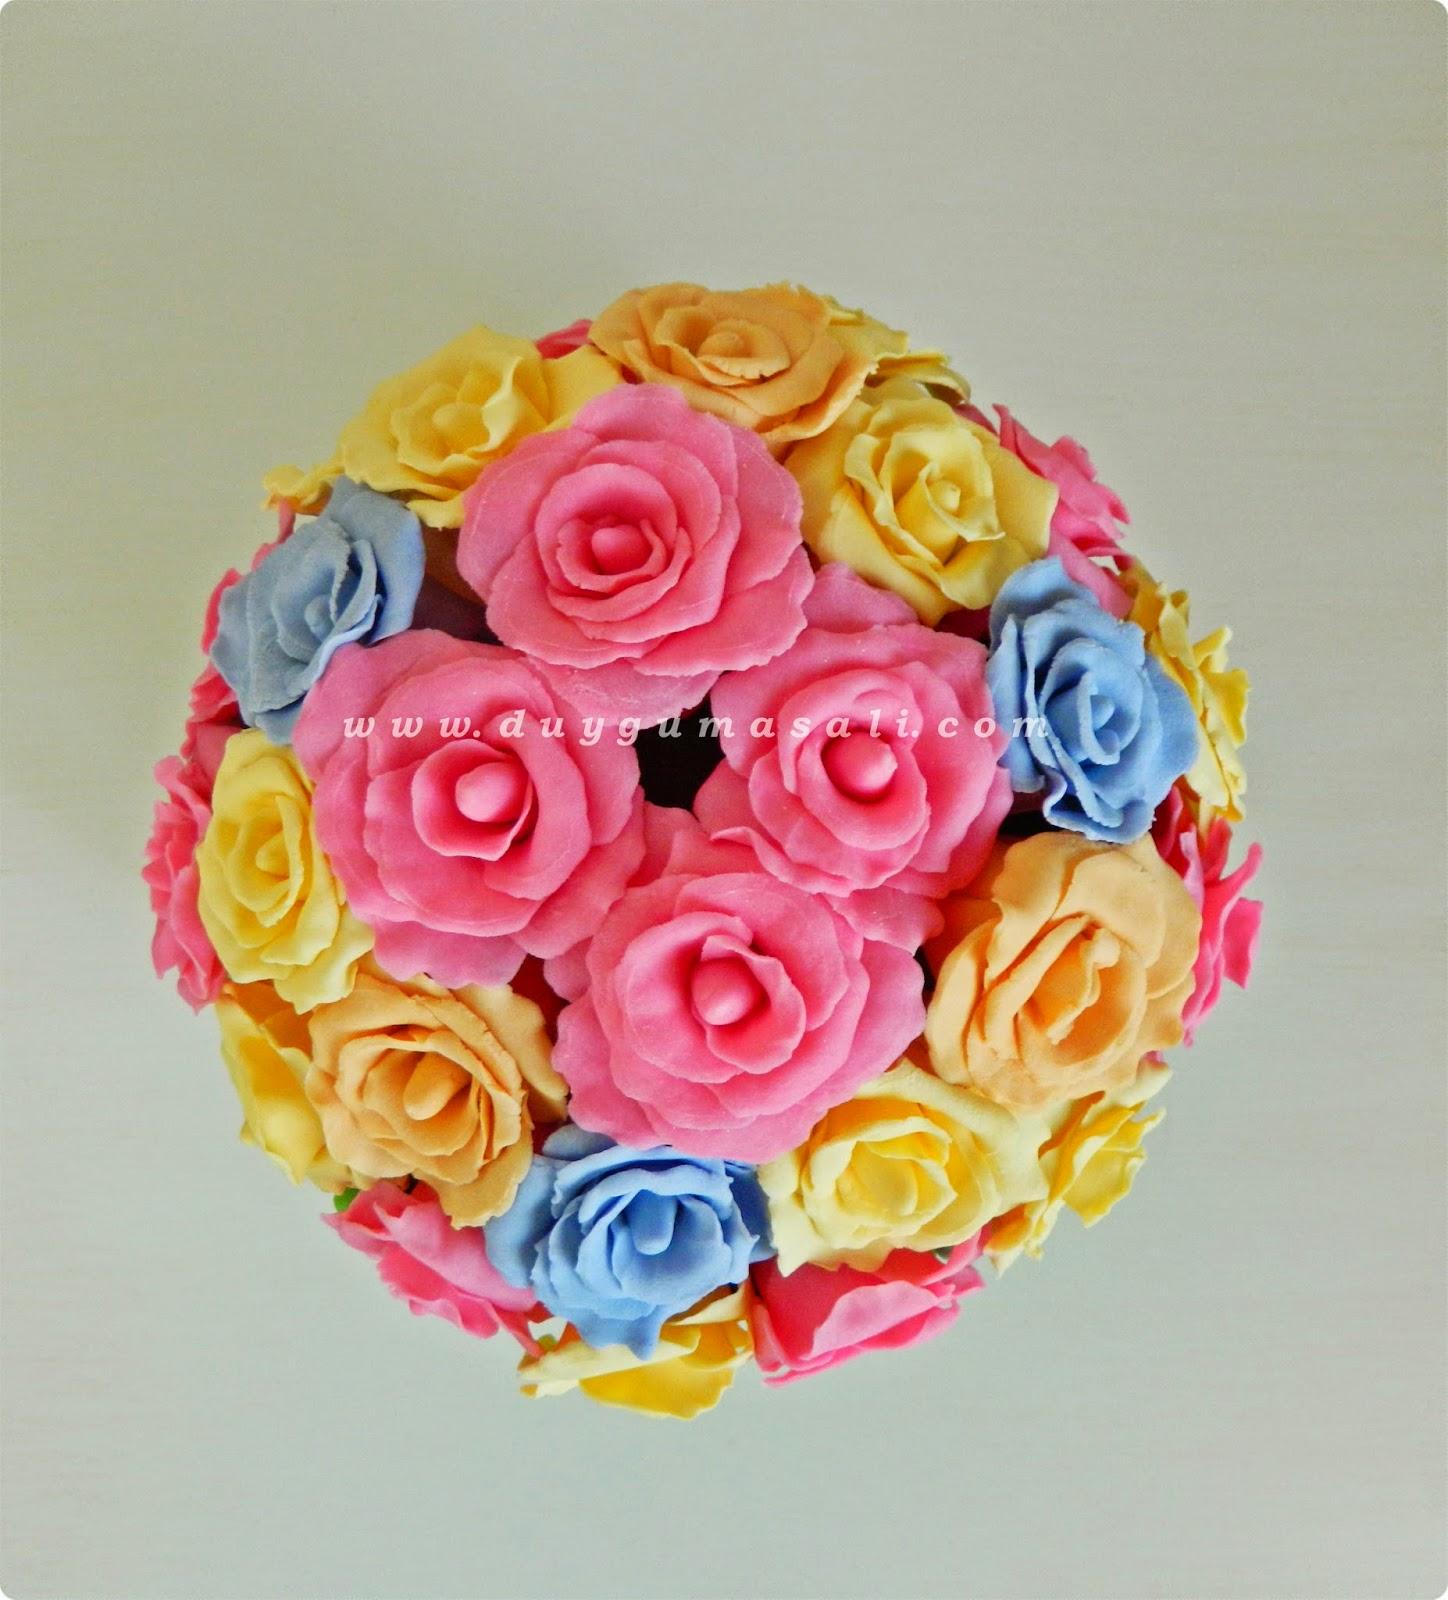 edirne çiçek butik pasta